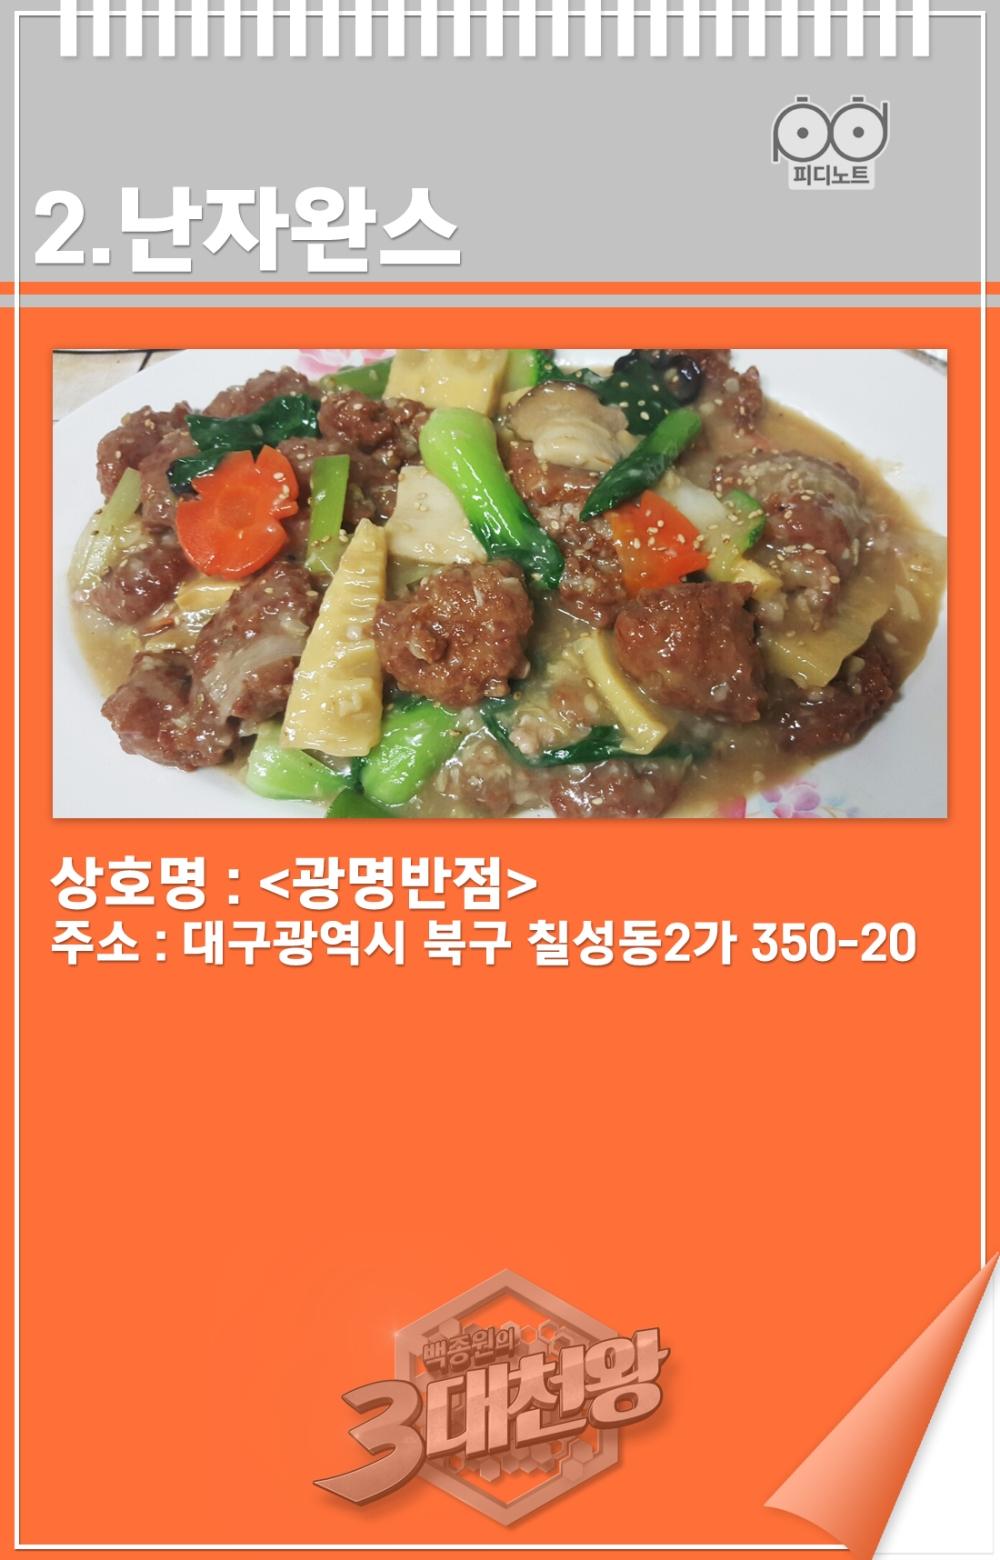 난자완스광명반점대구광역시북구칠성동2가350-20